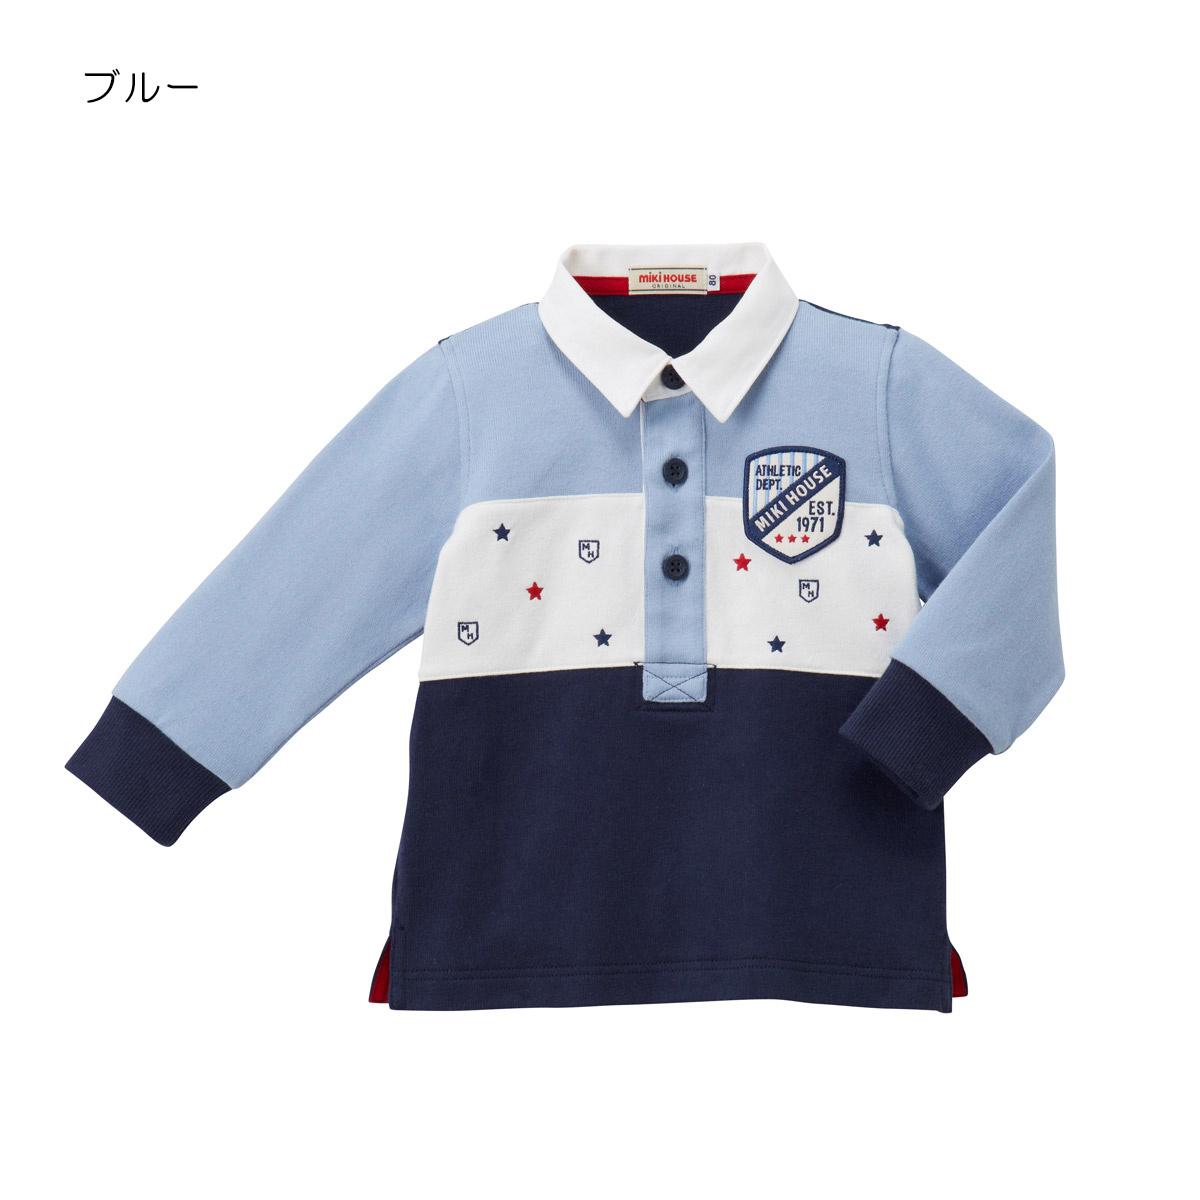 ミキハウス mikihouse ワッペン付き星刺繍入り ラガーシャツ(80cm・90cm・100cm)